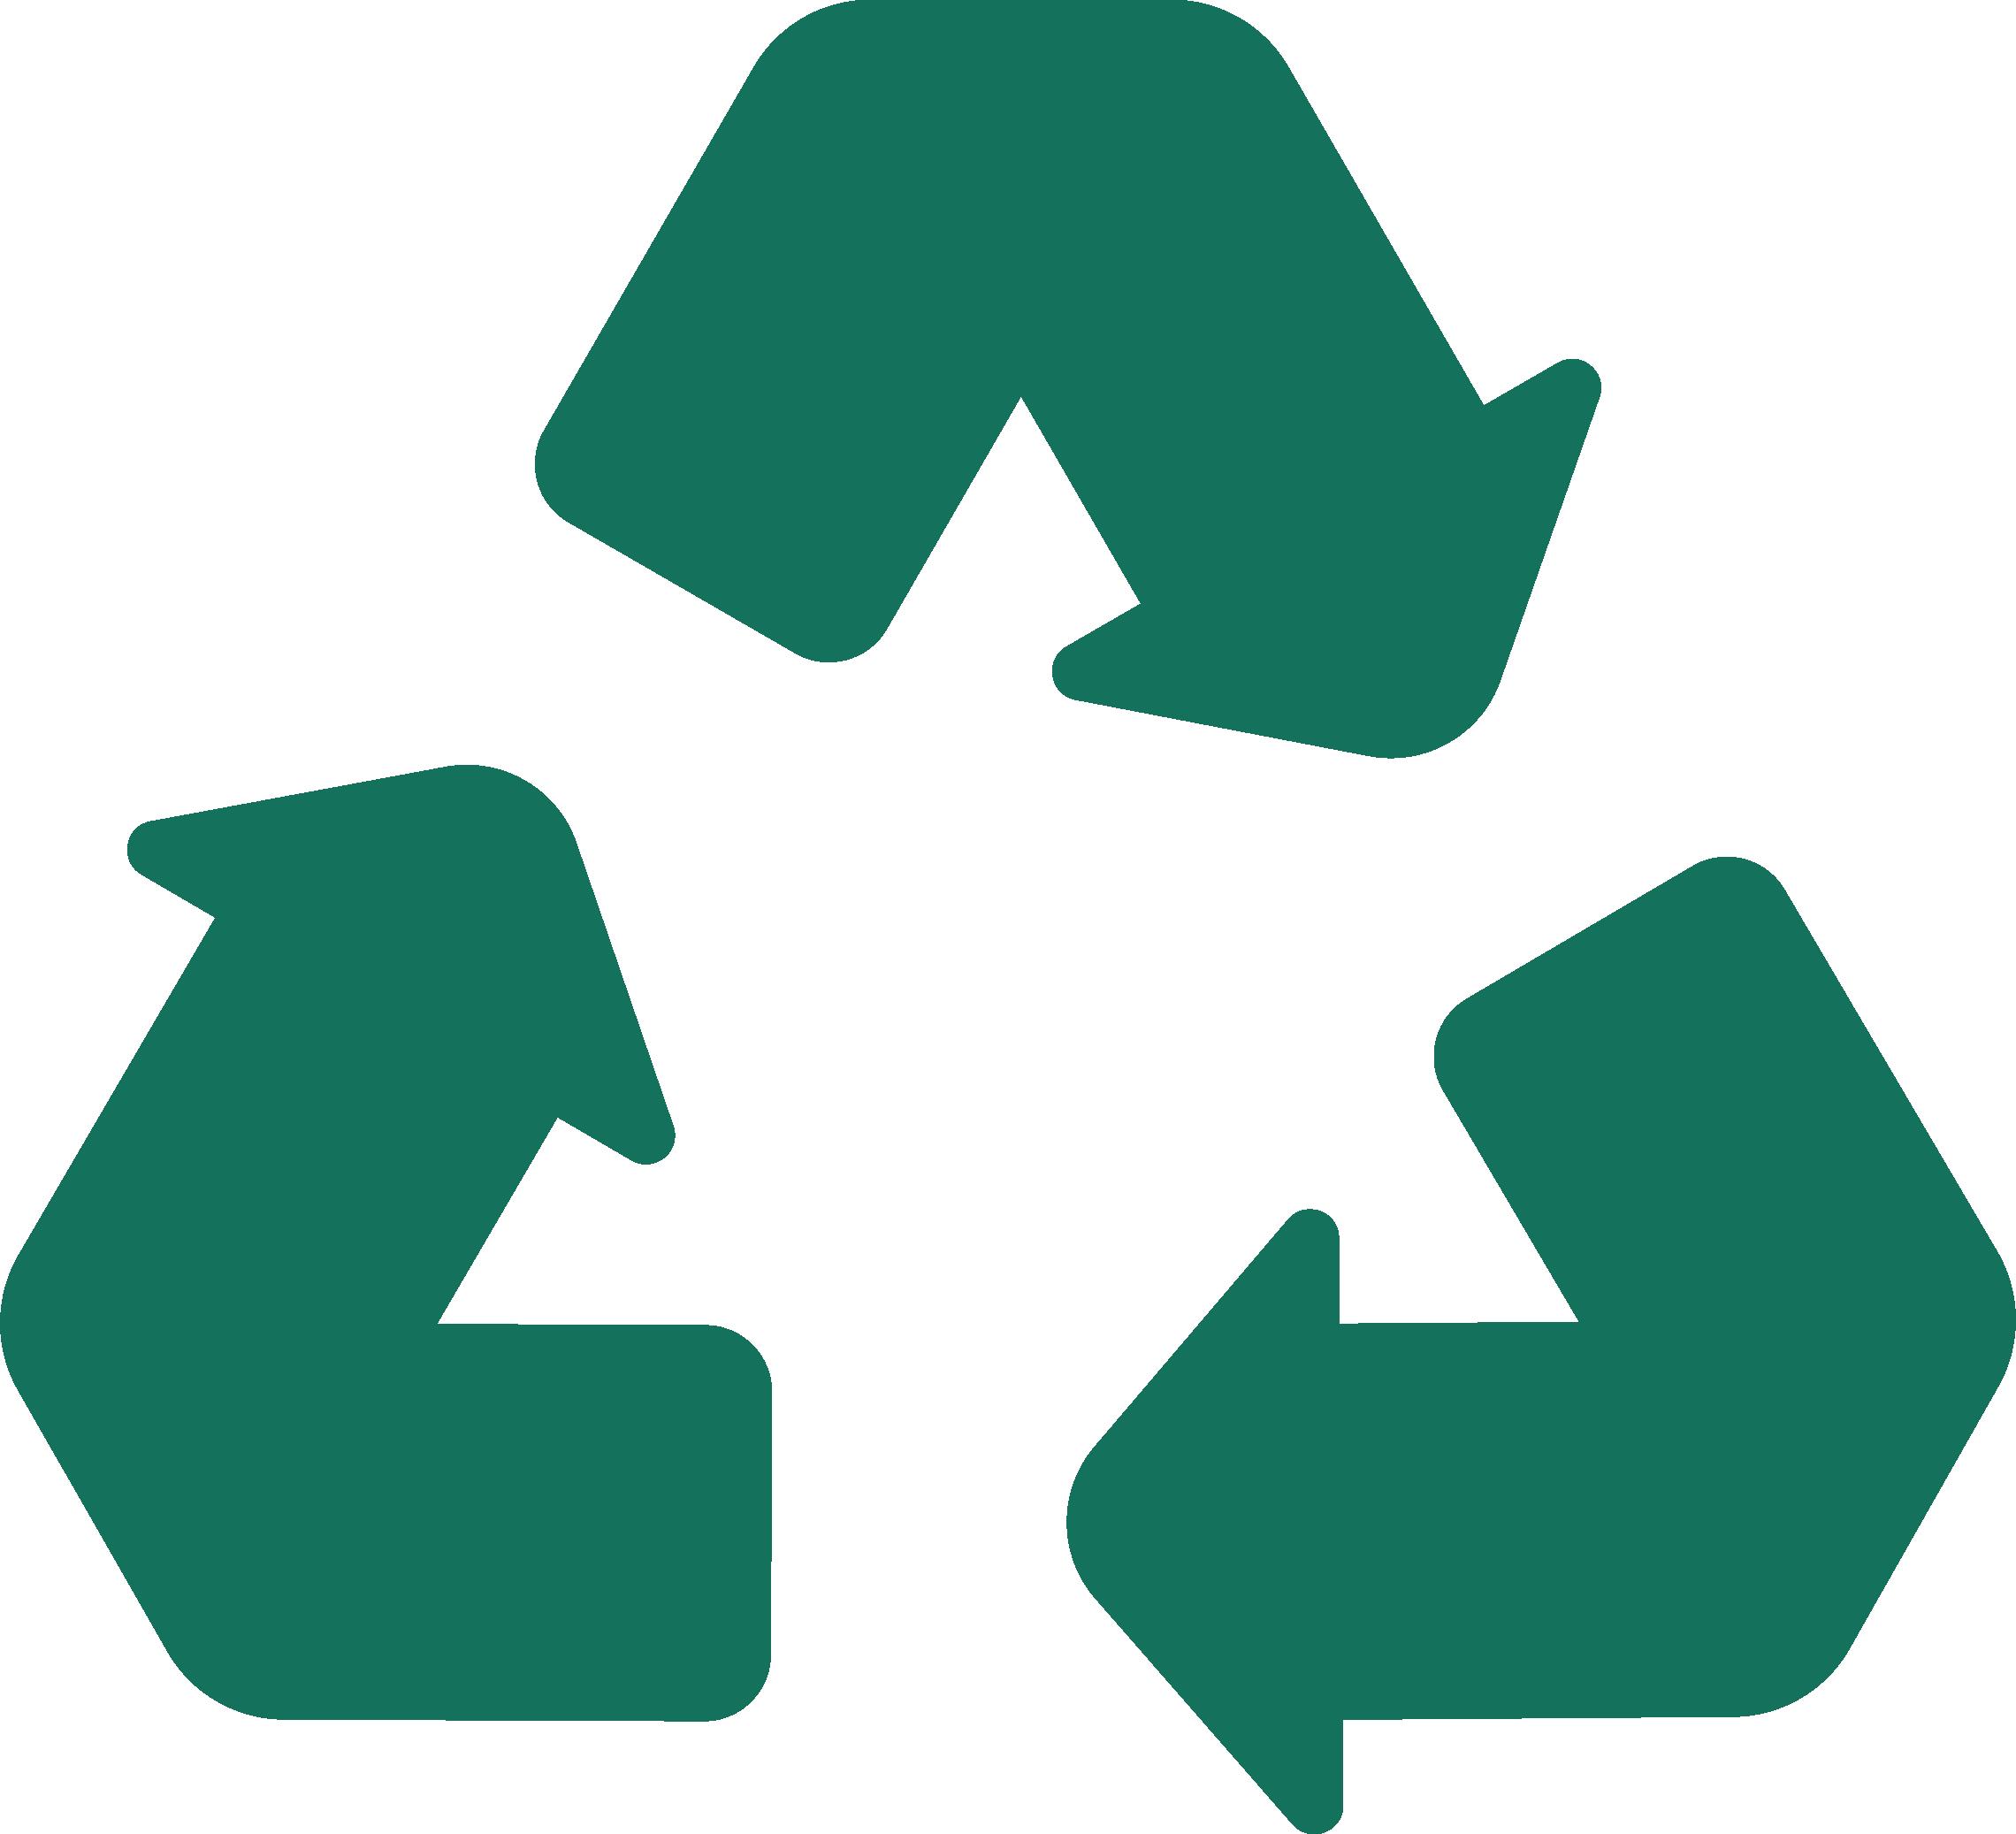 """icône """"adopter une démarche verte et durable"""""""